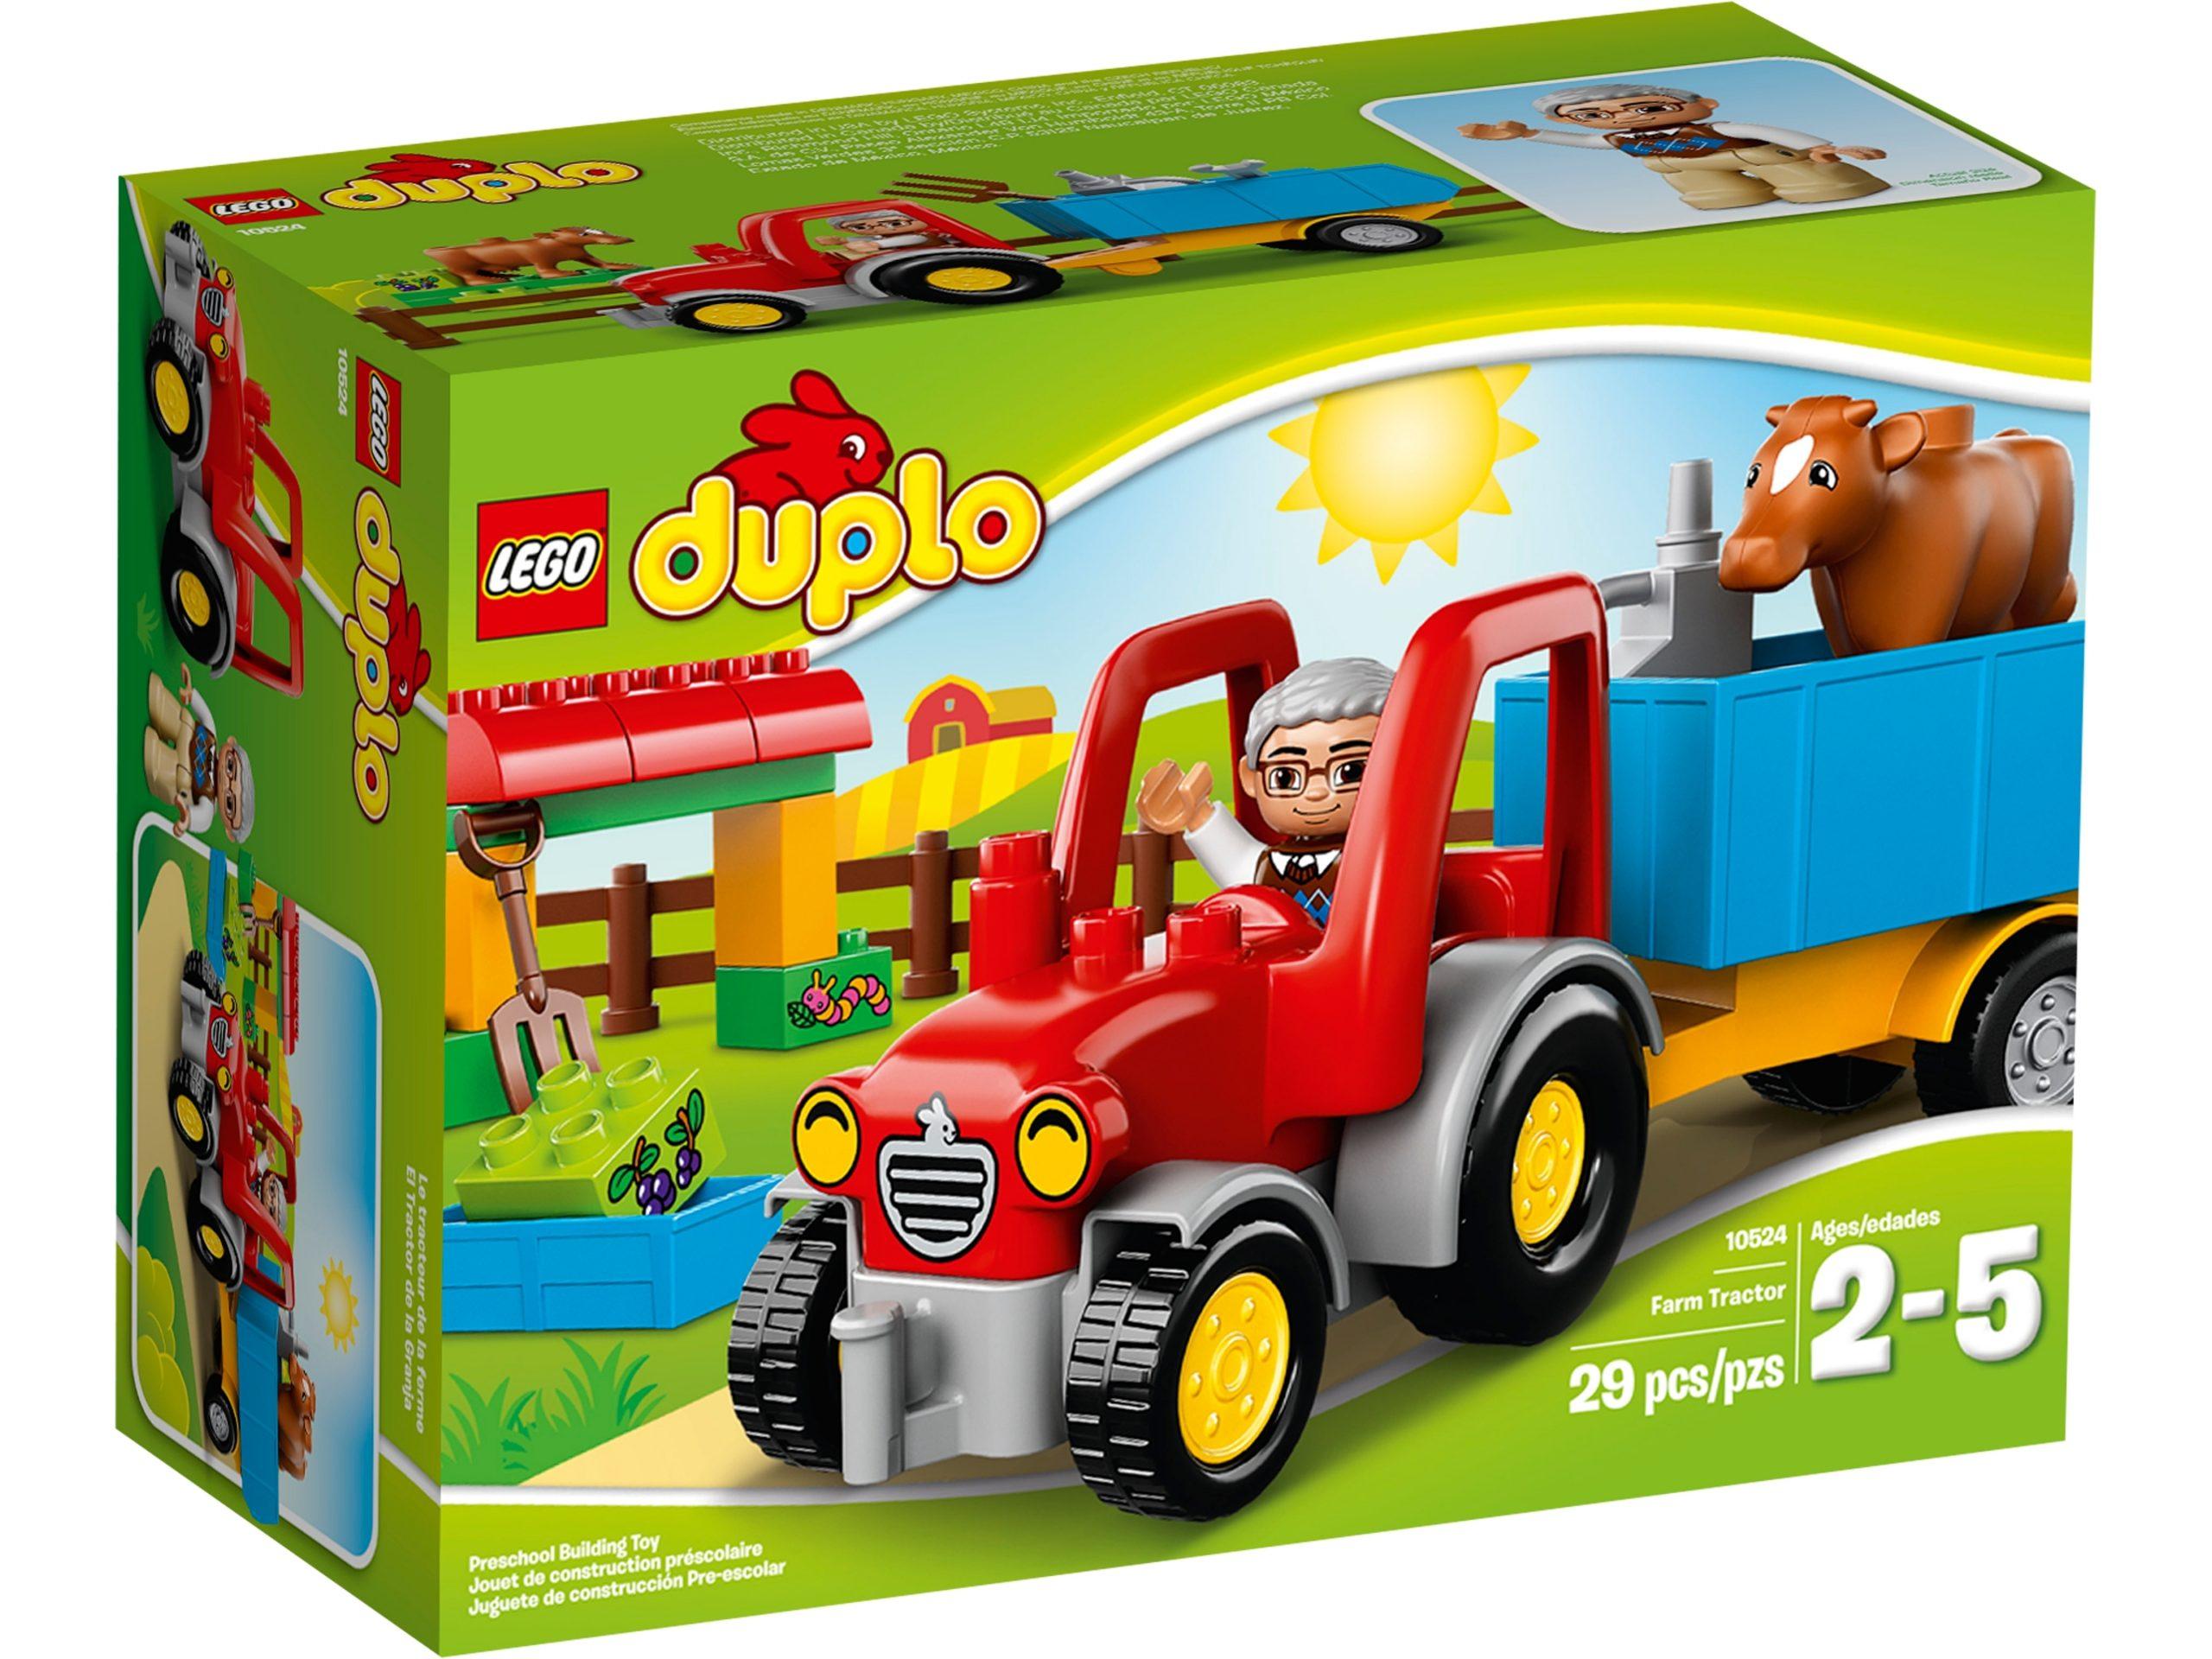 lego 10524 traktor scaled